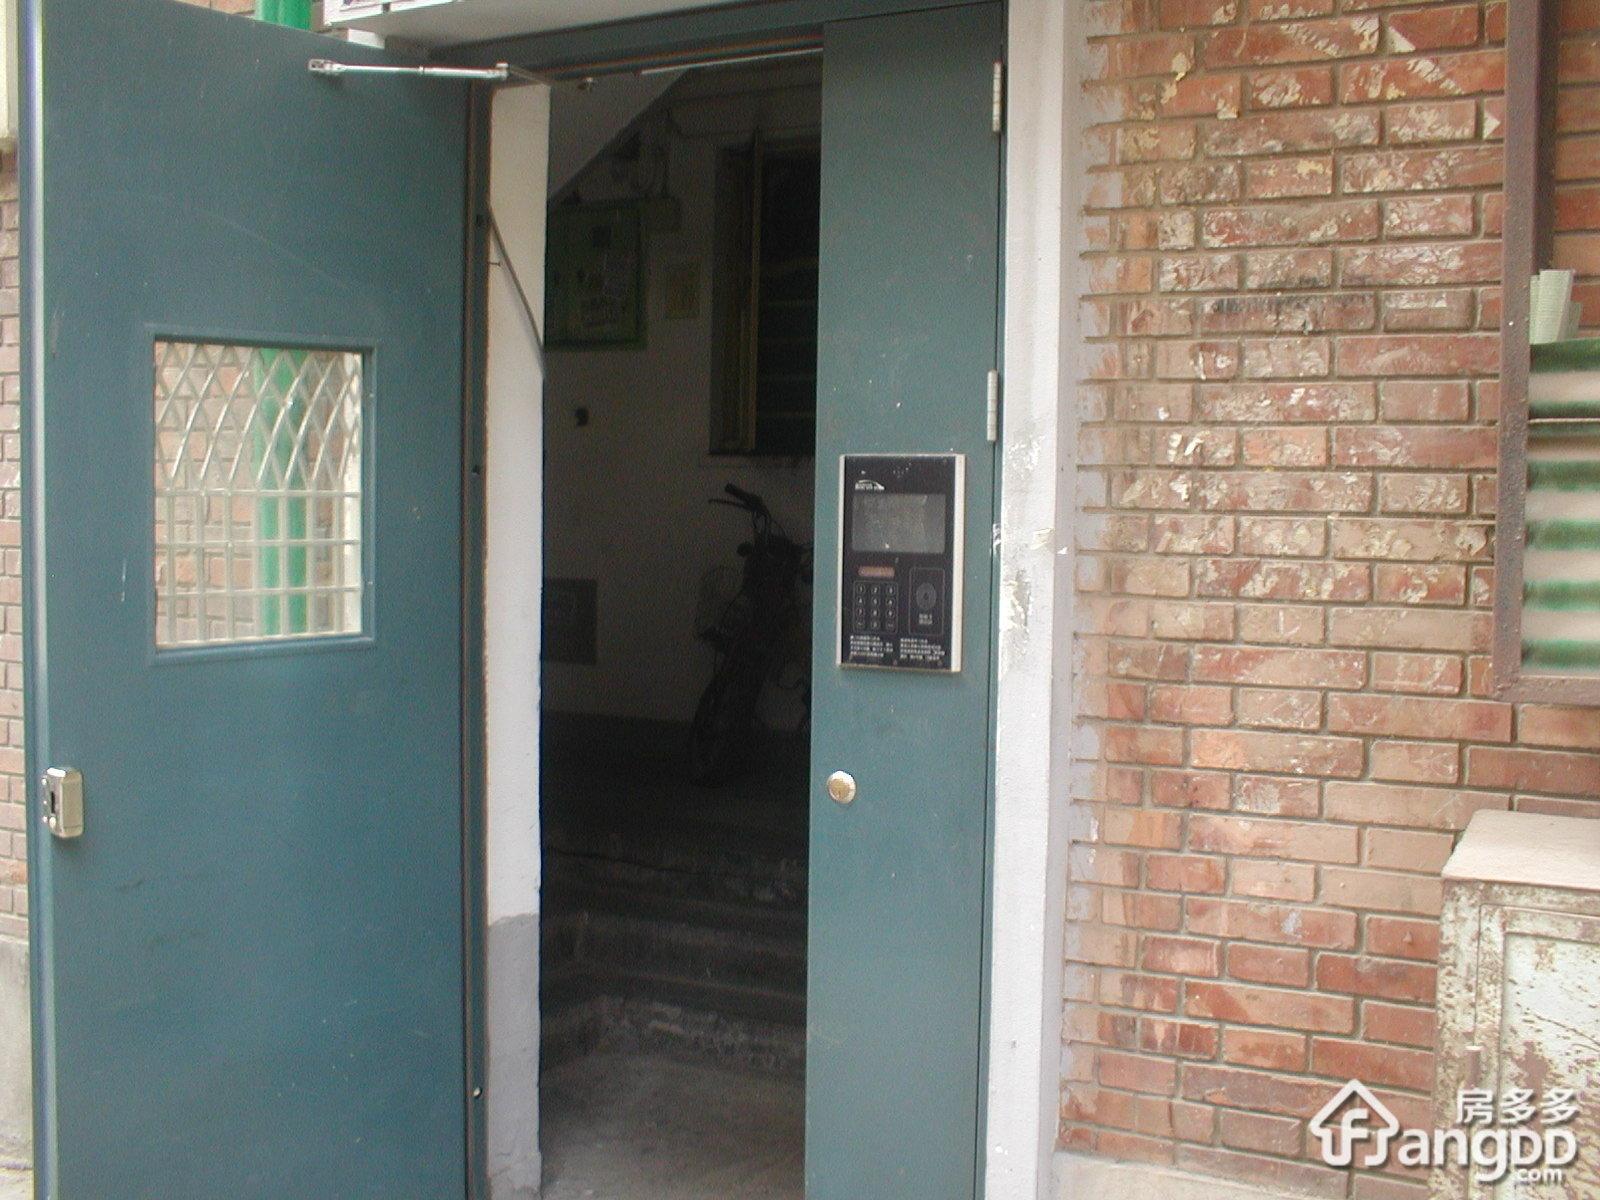 广州里户口图初中在实景读外地新津图片